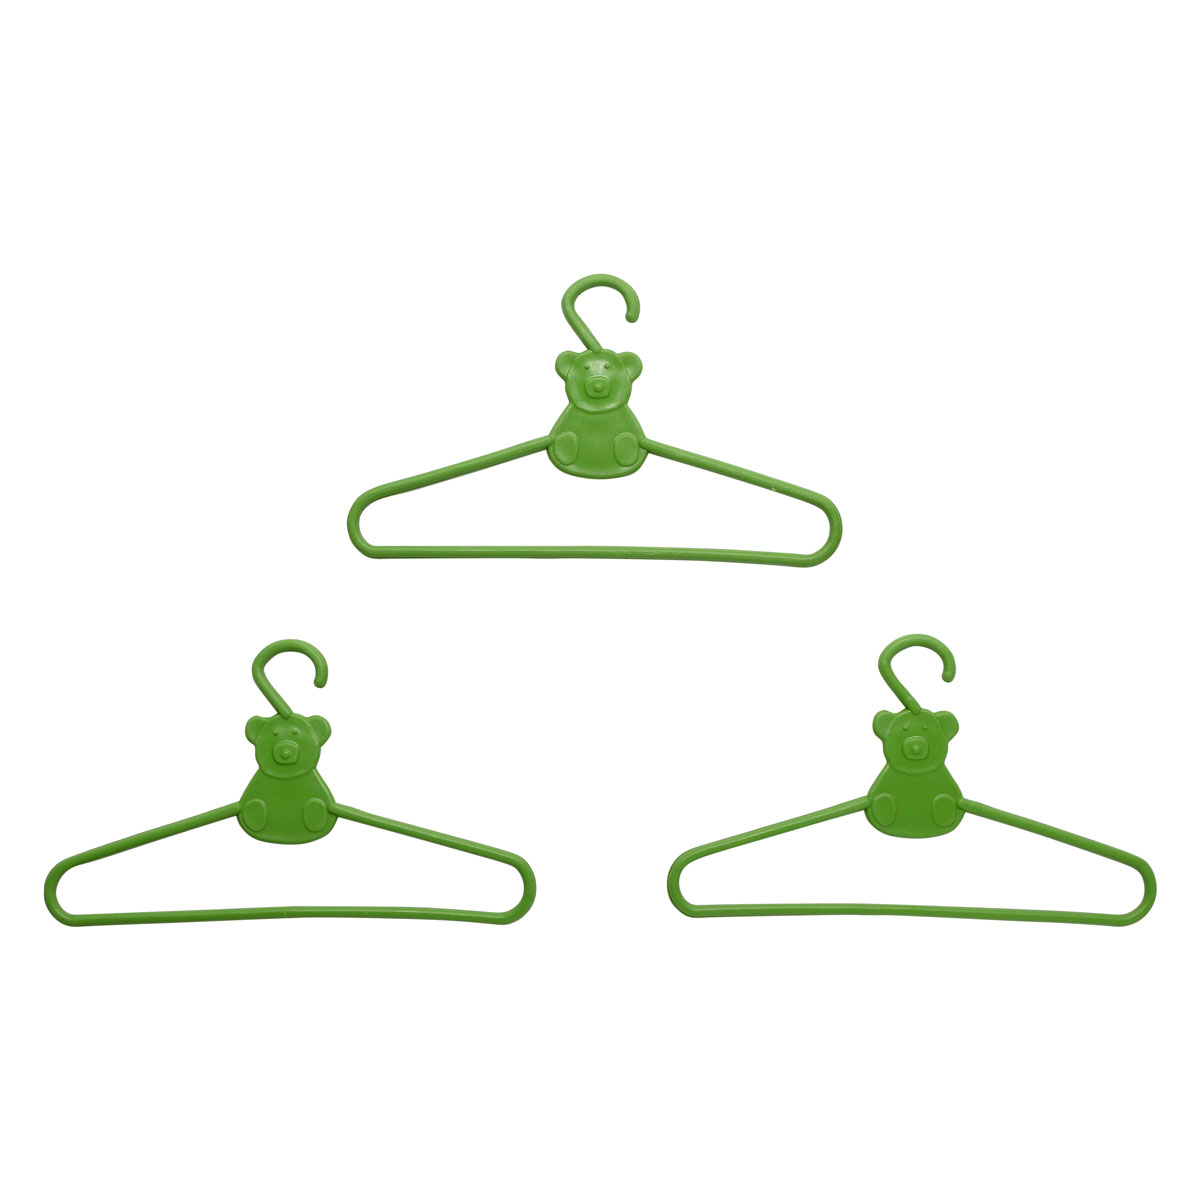 28519 Вешалка (плечики) для кукольной одежды 9 см, пластик, уп/3шт, зеленый